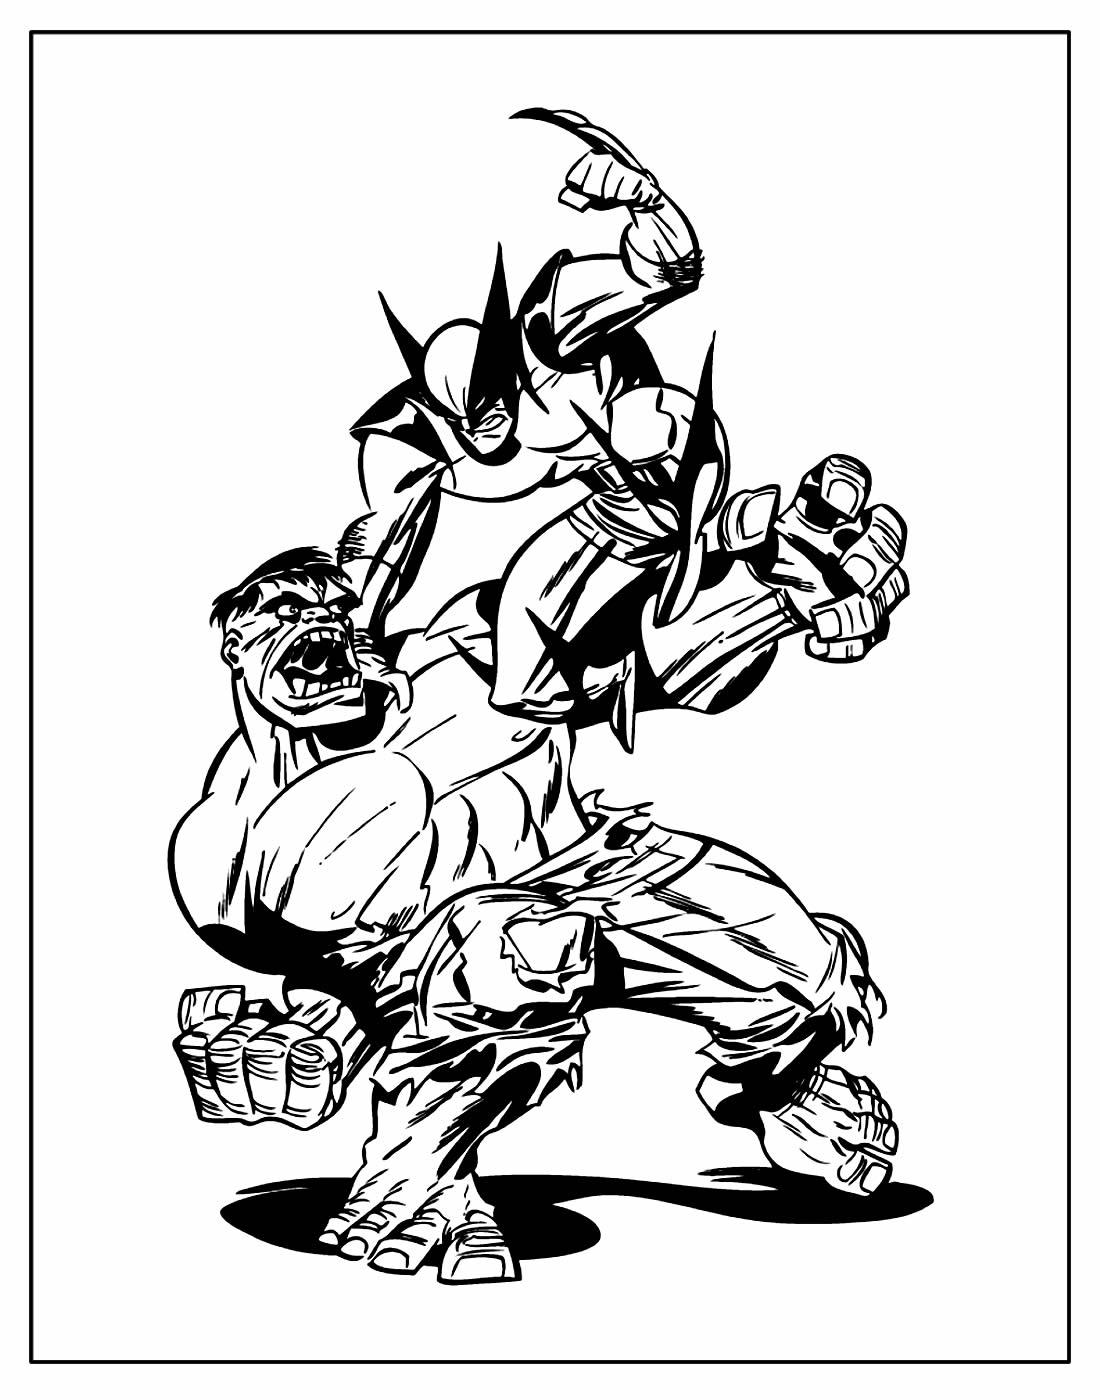 Página para colorir de Wolverine